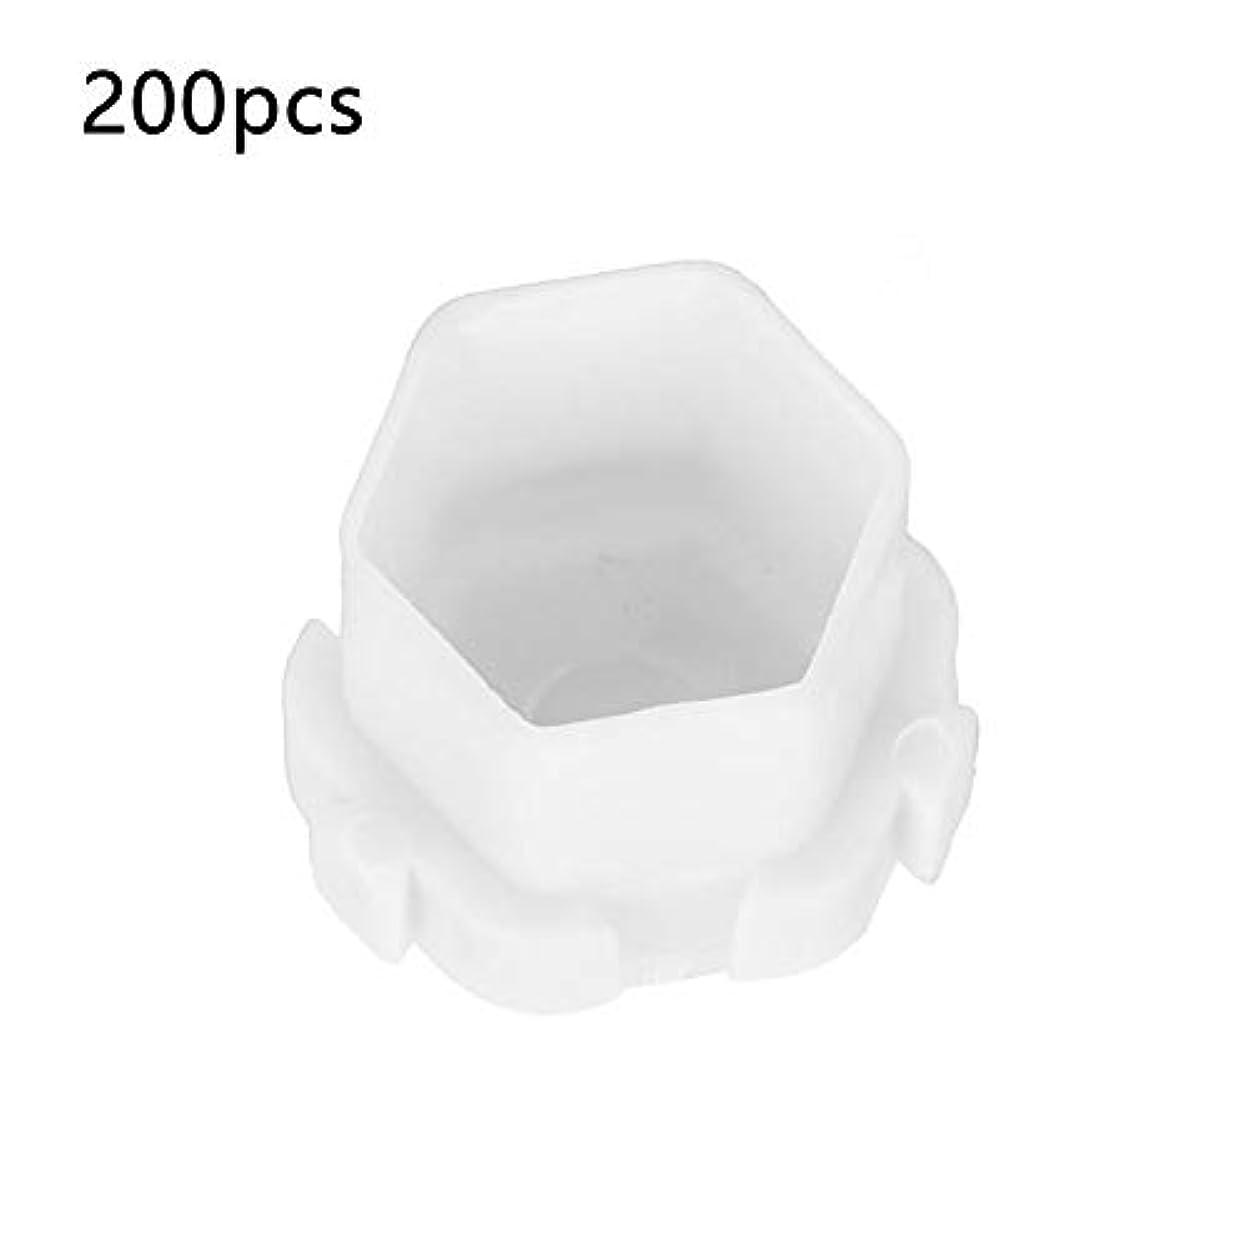 端末寝室を掃除するパック200ピースタトゥーインクカップハニカム形状顔料ホルダーカップ恒久化粧品、空のタトゥー顔料インクボックス/半恒久的な顔料収納ケースと調整可能な仕切り(1)